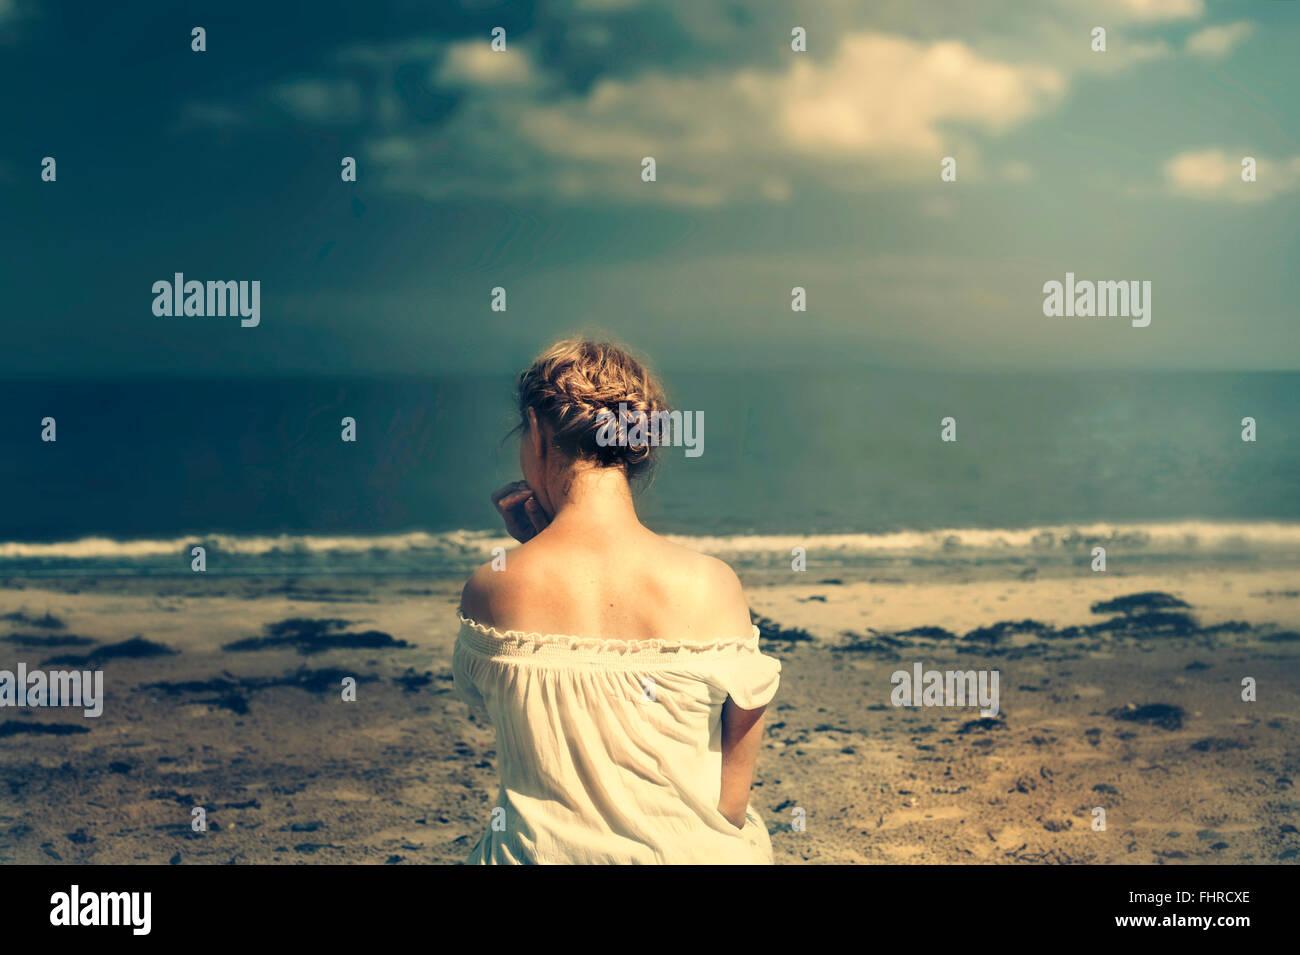 junge Frau am Strand sitzen Stockbild